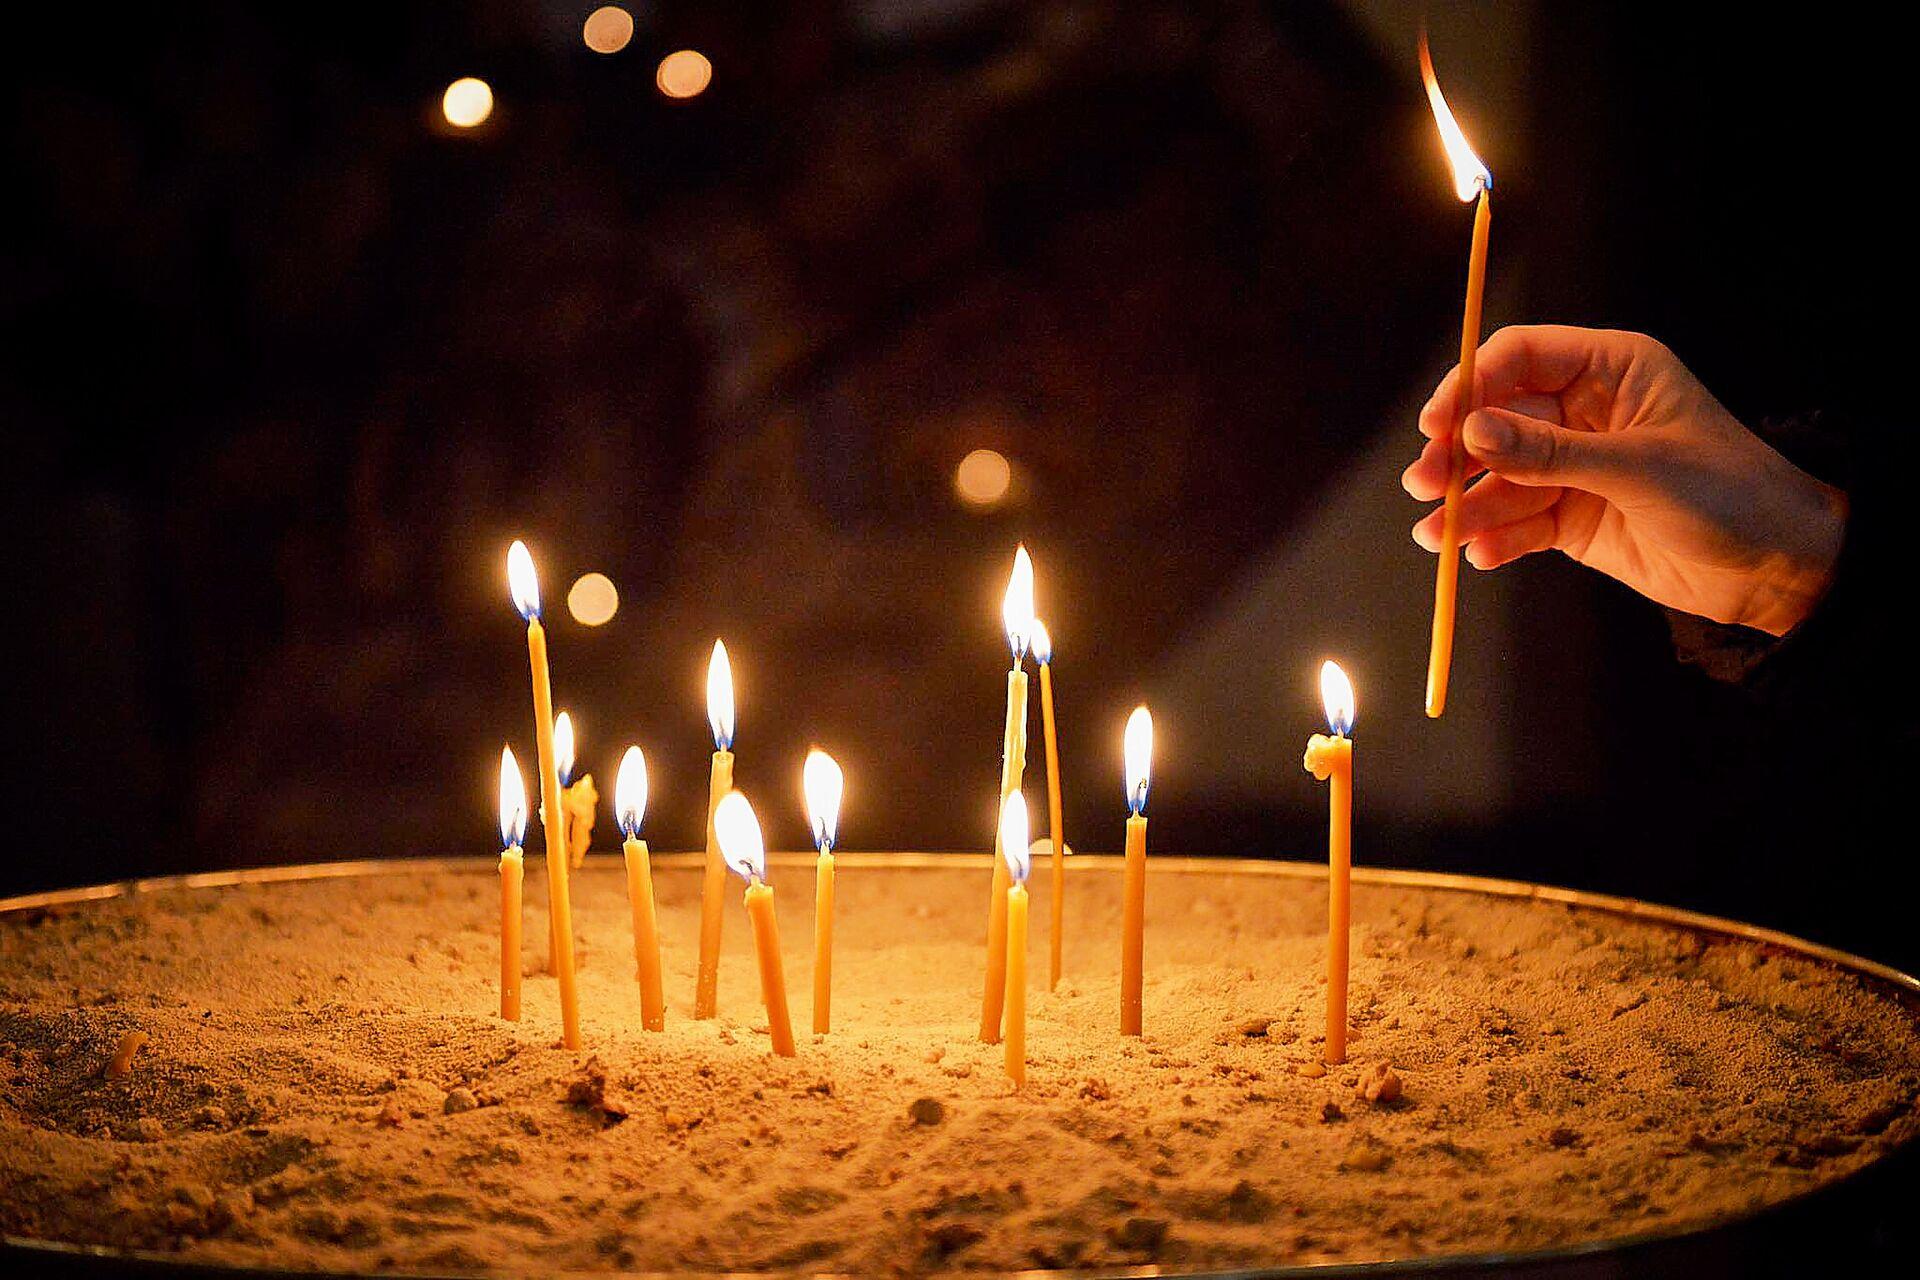 Верующие ставят свечи в храме. Кафедральный собор Святой Троицы Самеба во время карантина - Sputnik Грузия, 1920, 12.10.2021